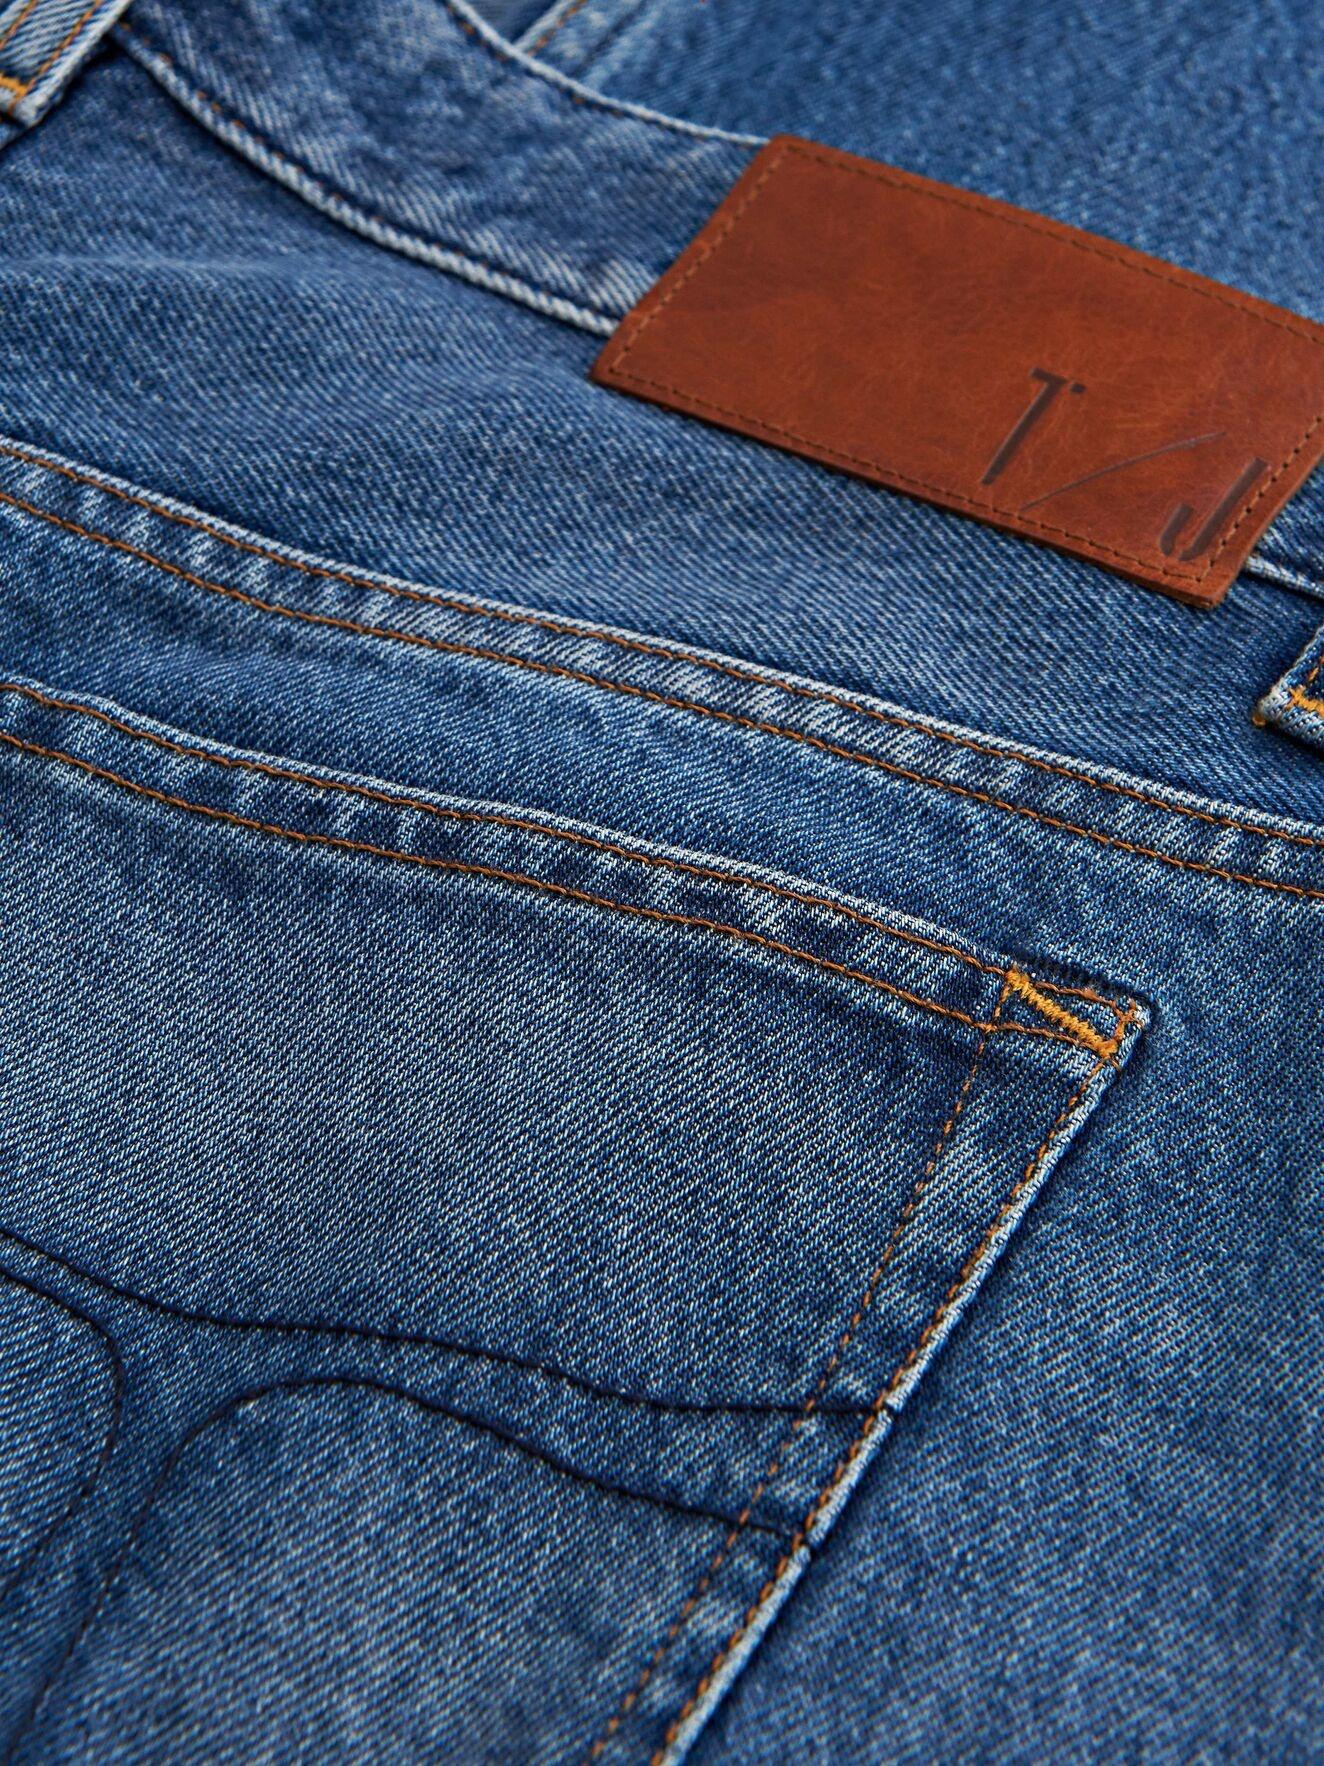 Nix Stone Wash Regular Tapperd Fit-2